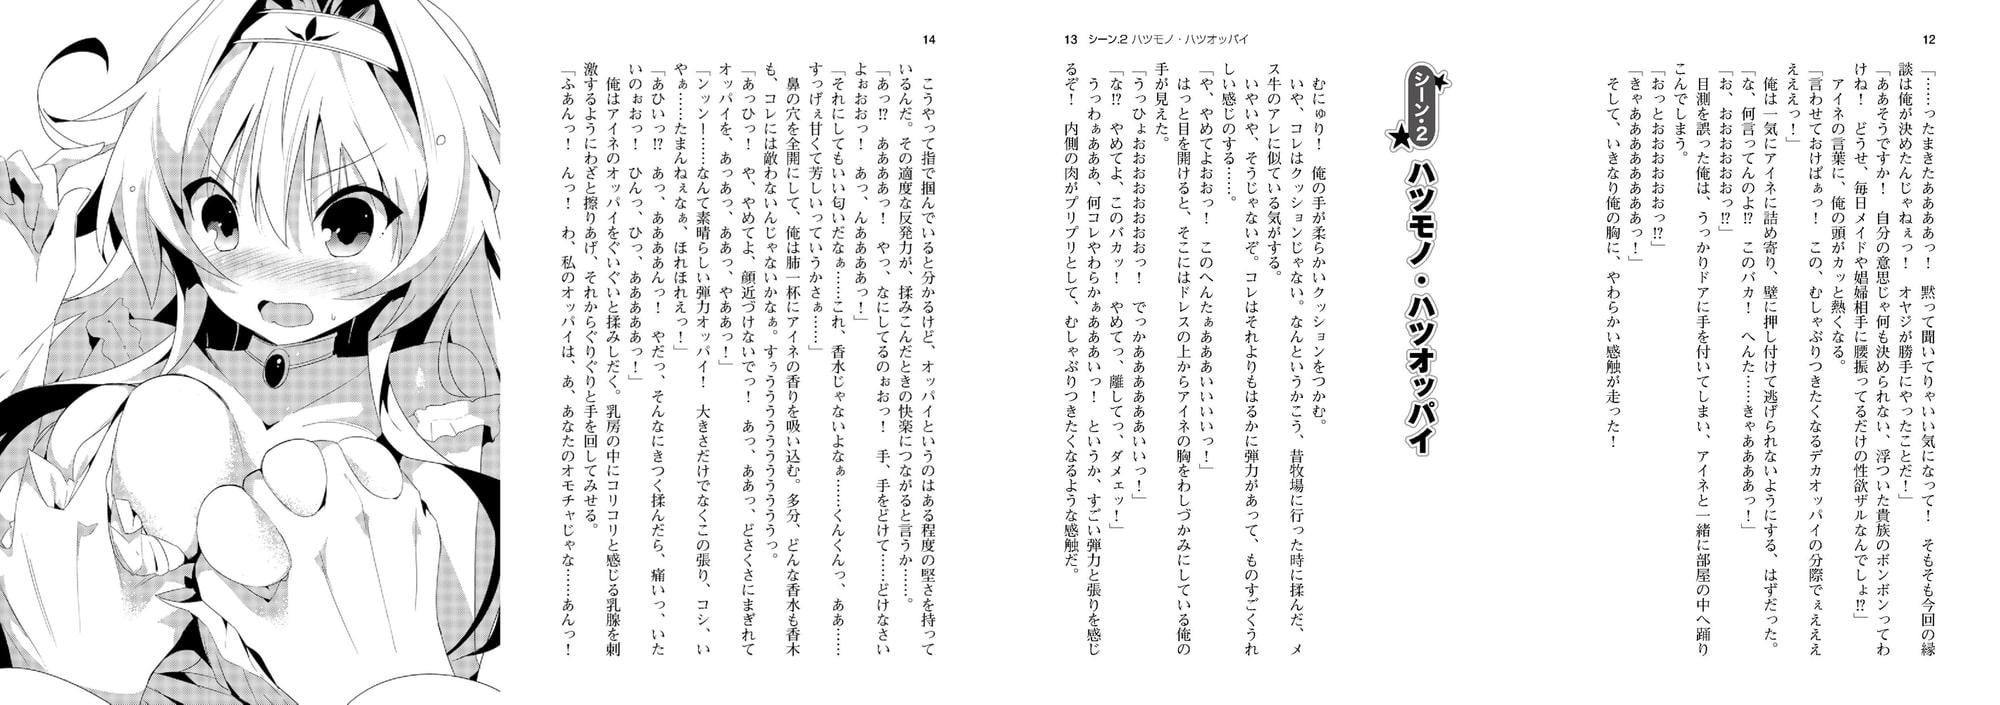 オナホ☆プリンセス いつの間にか妹とメイドさんと修羅場に!